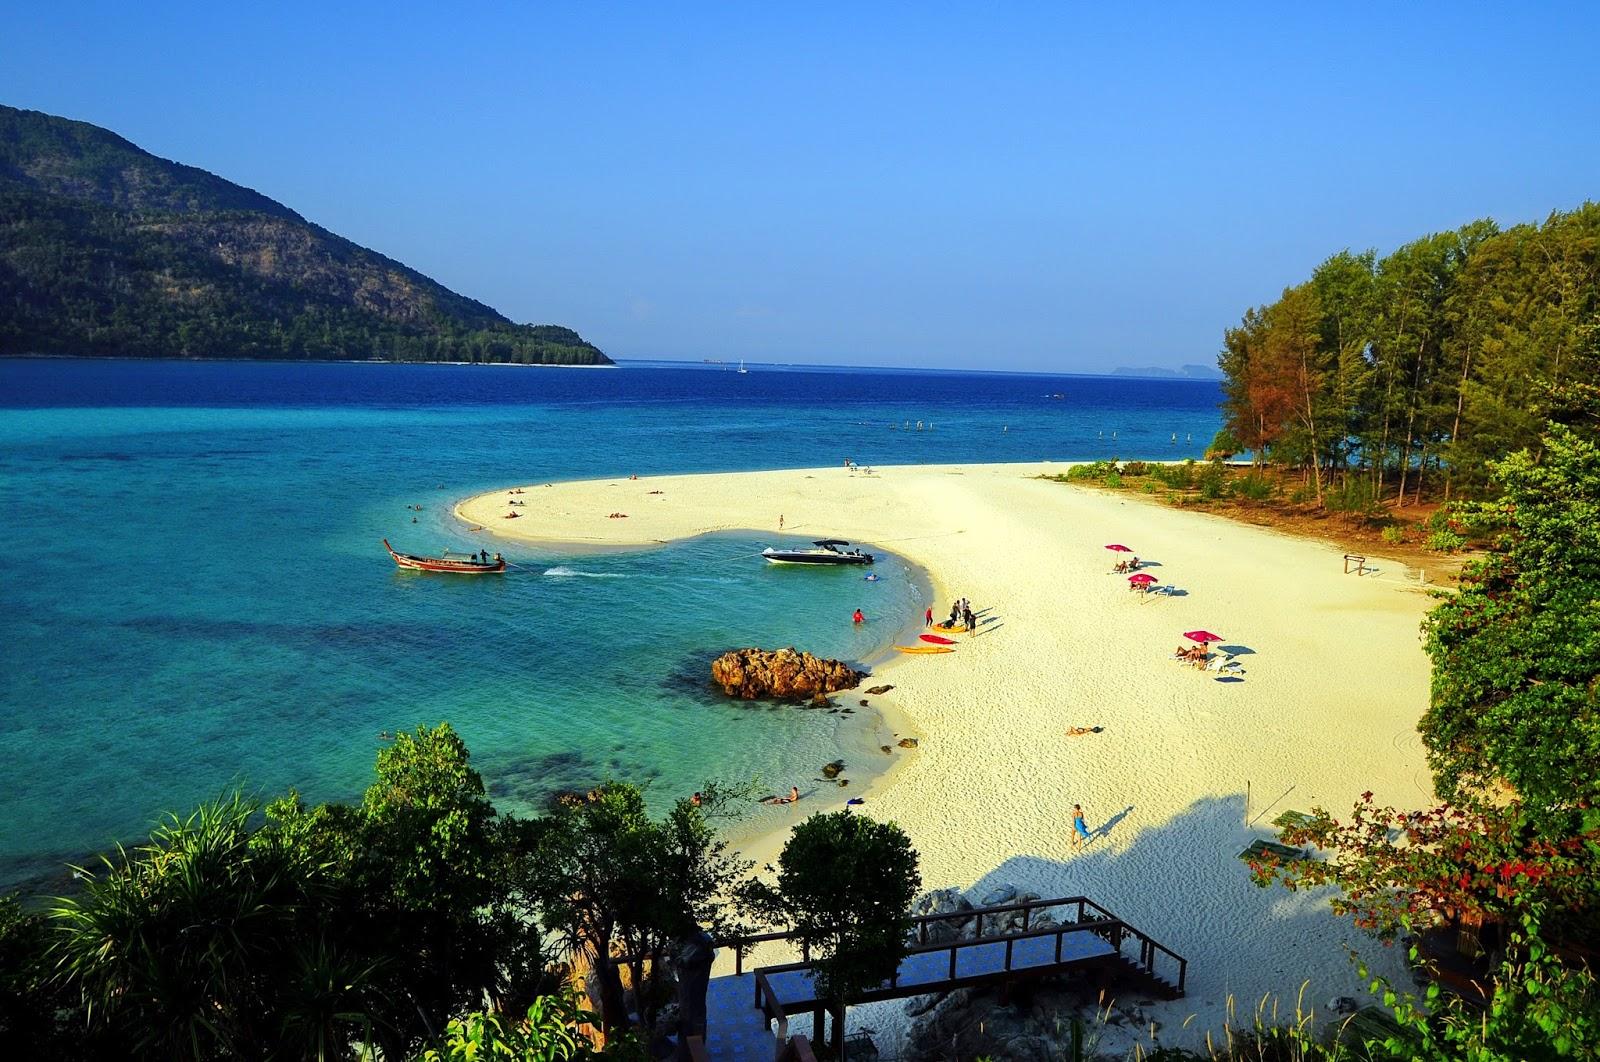 افضل جزر تايلاند لمحبي الاستجمام (7)